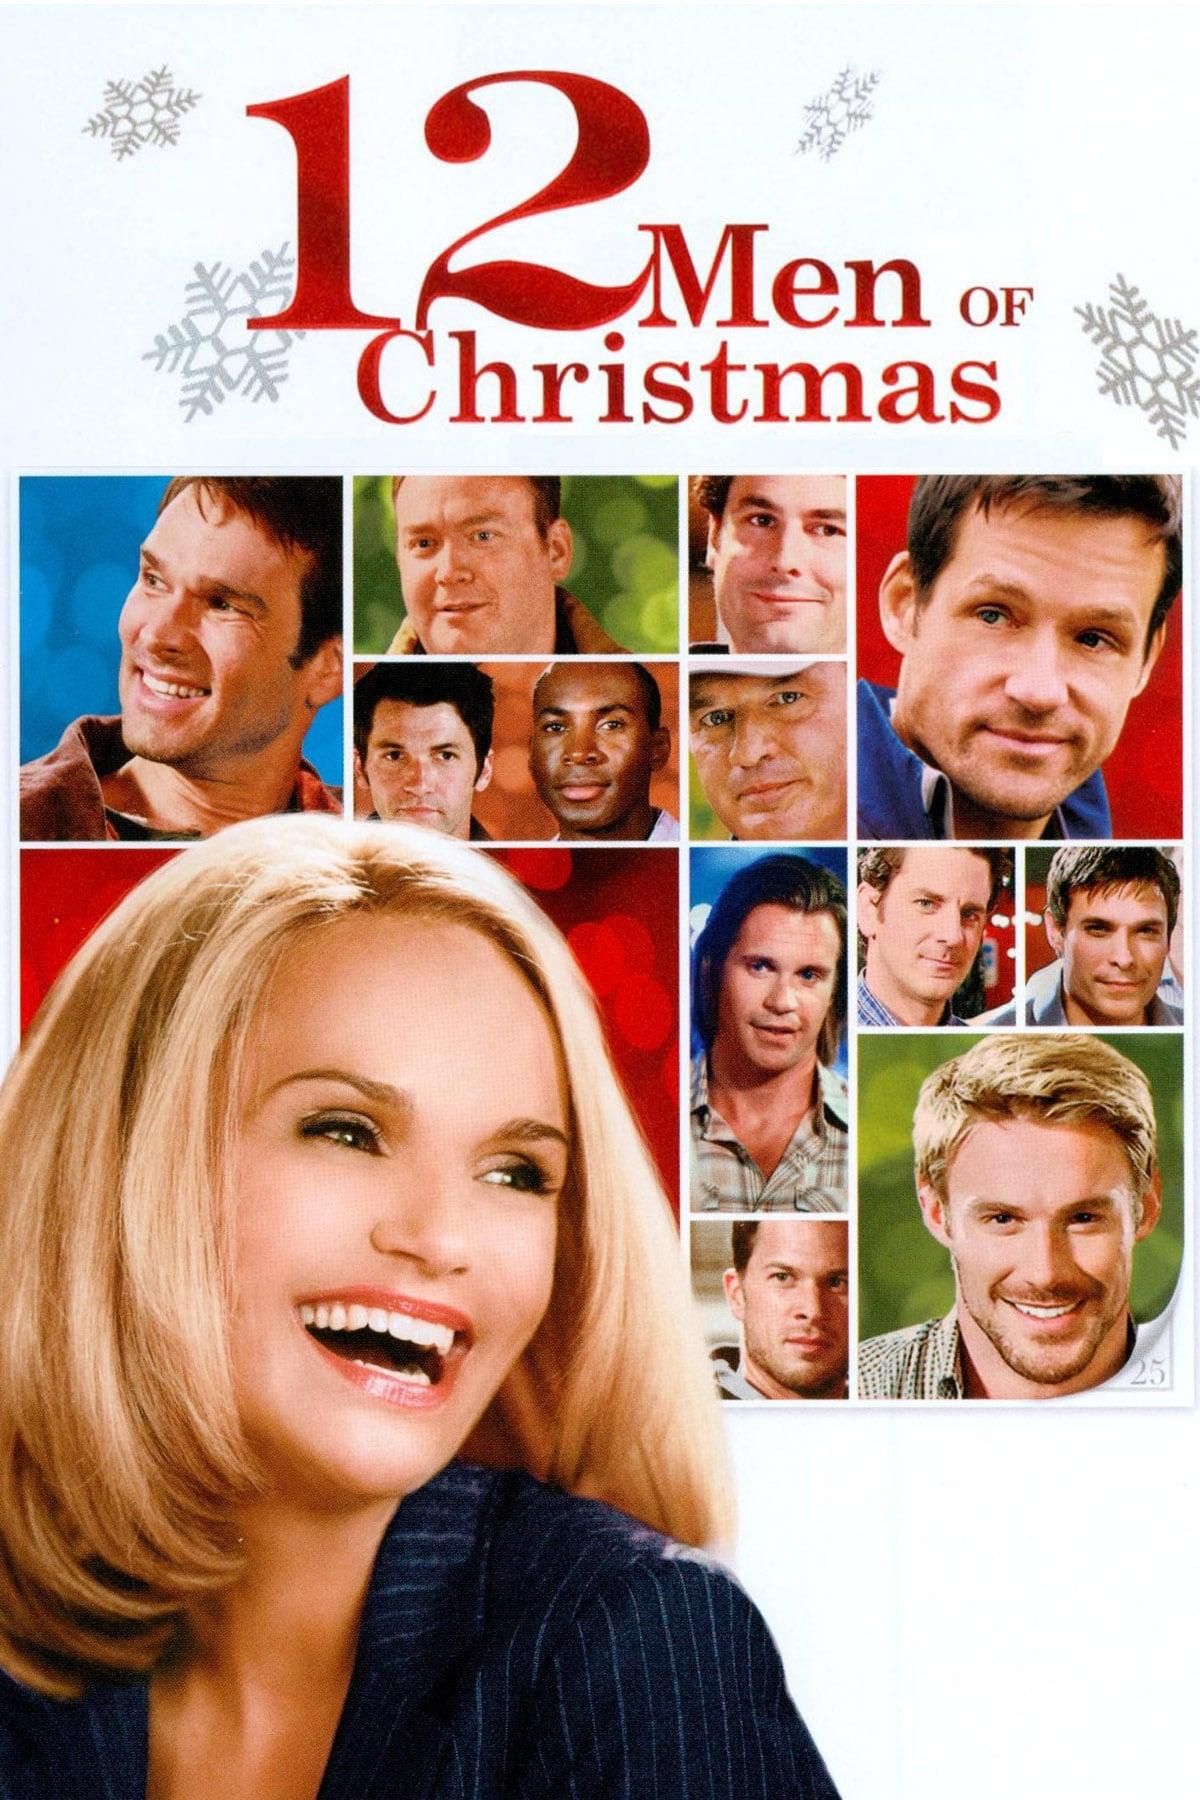 Watch 12 Men of Christmas Online